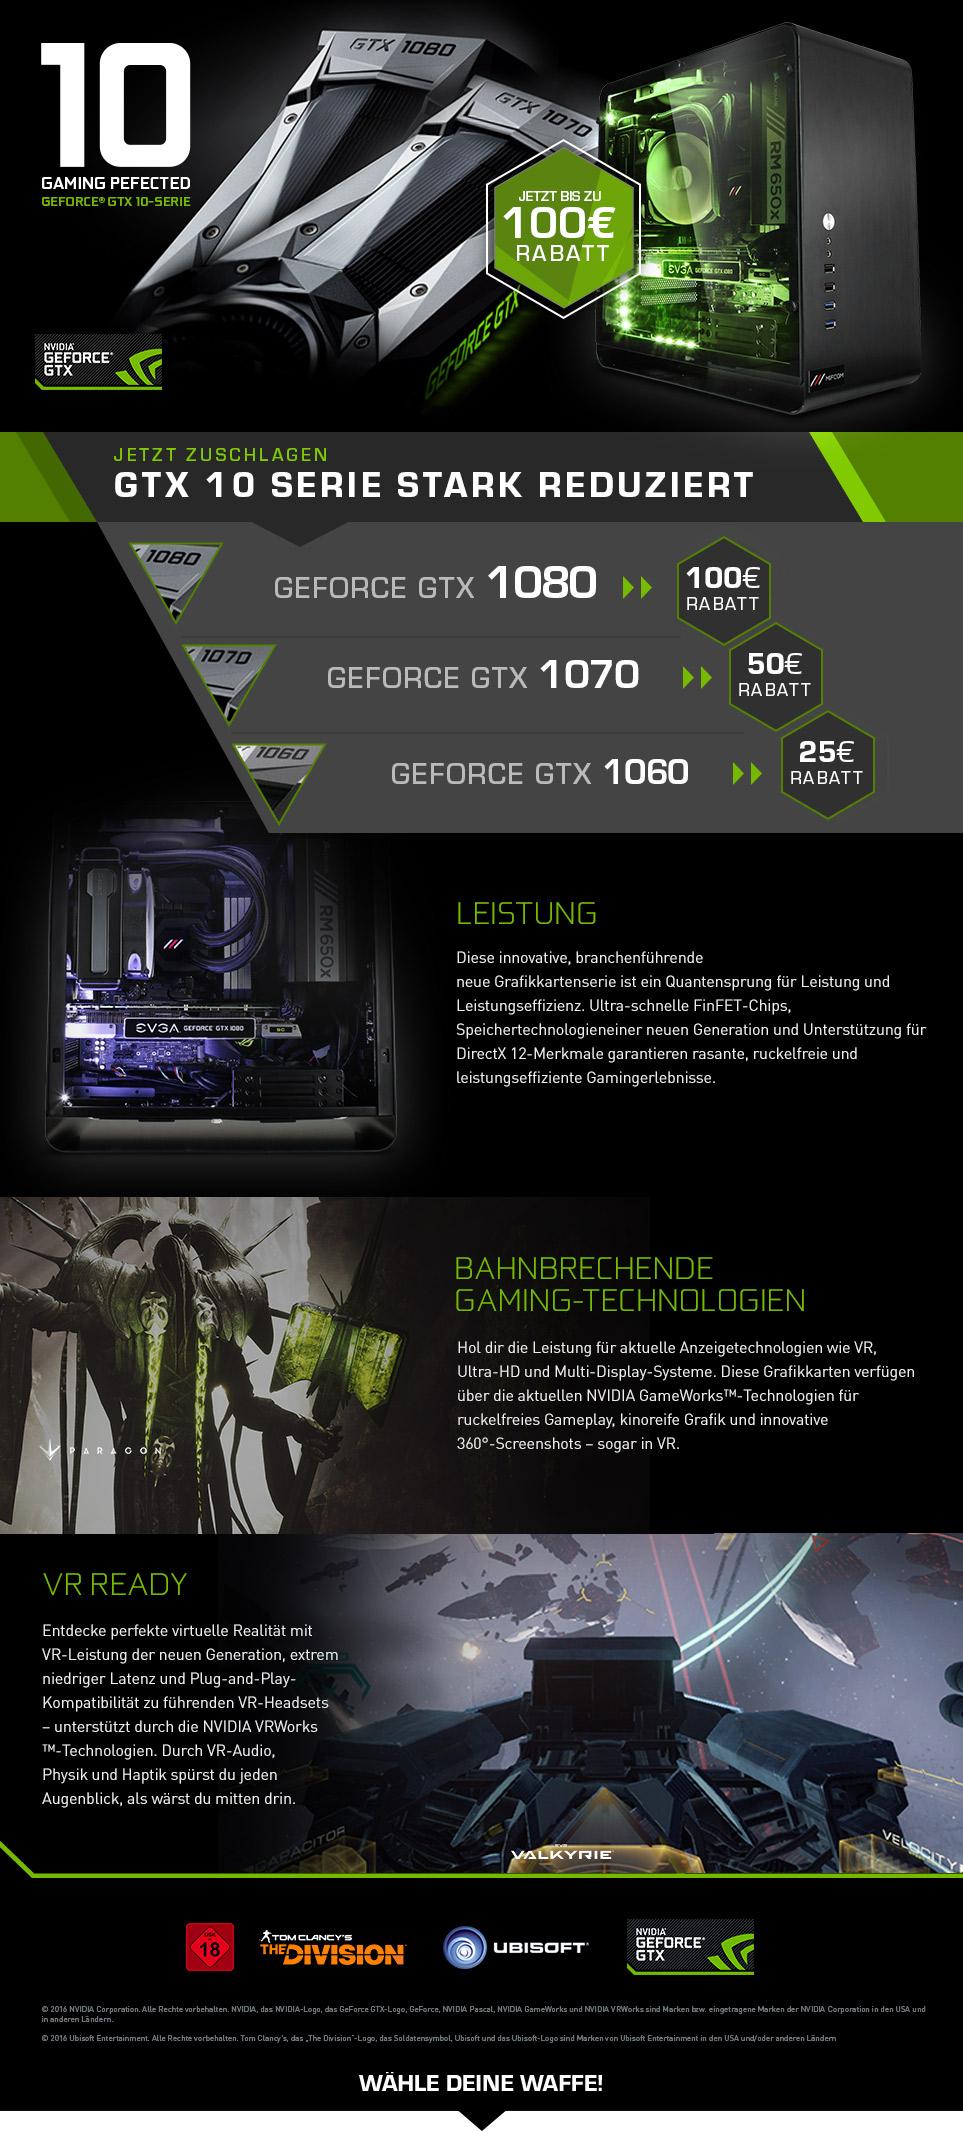 Gaming PC Systeme mit NVIDIA GeForce GTX 10 Series stark reduziert!